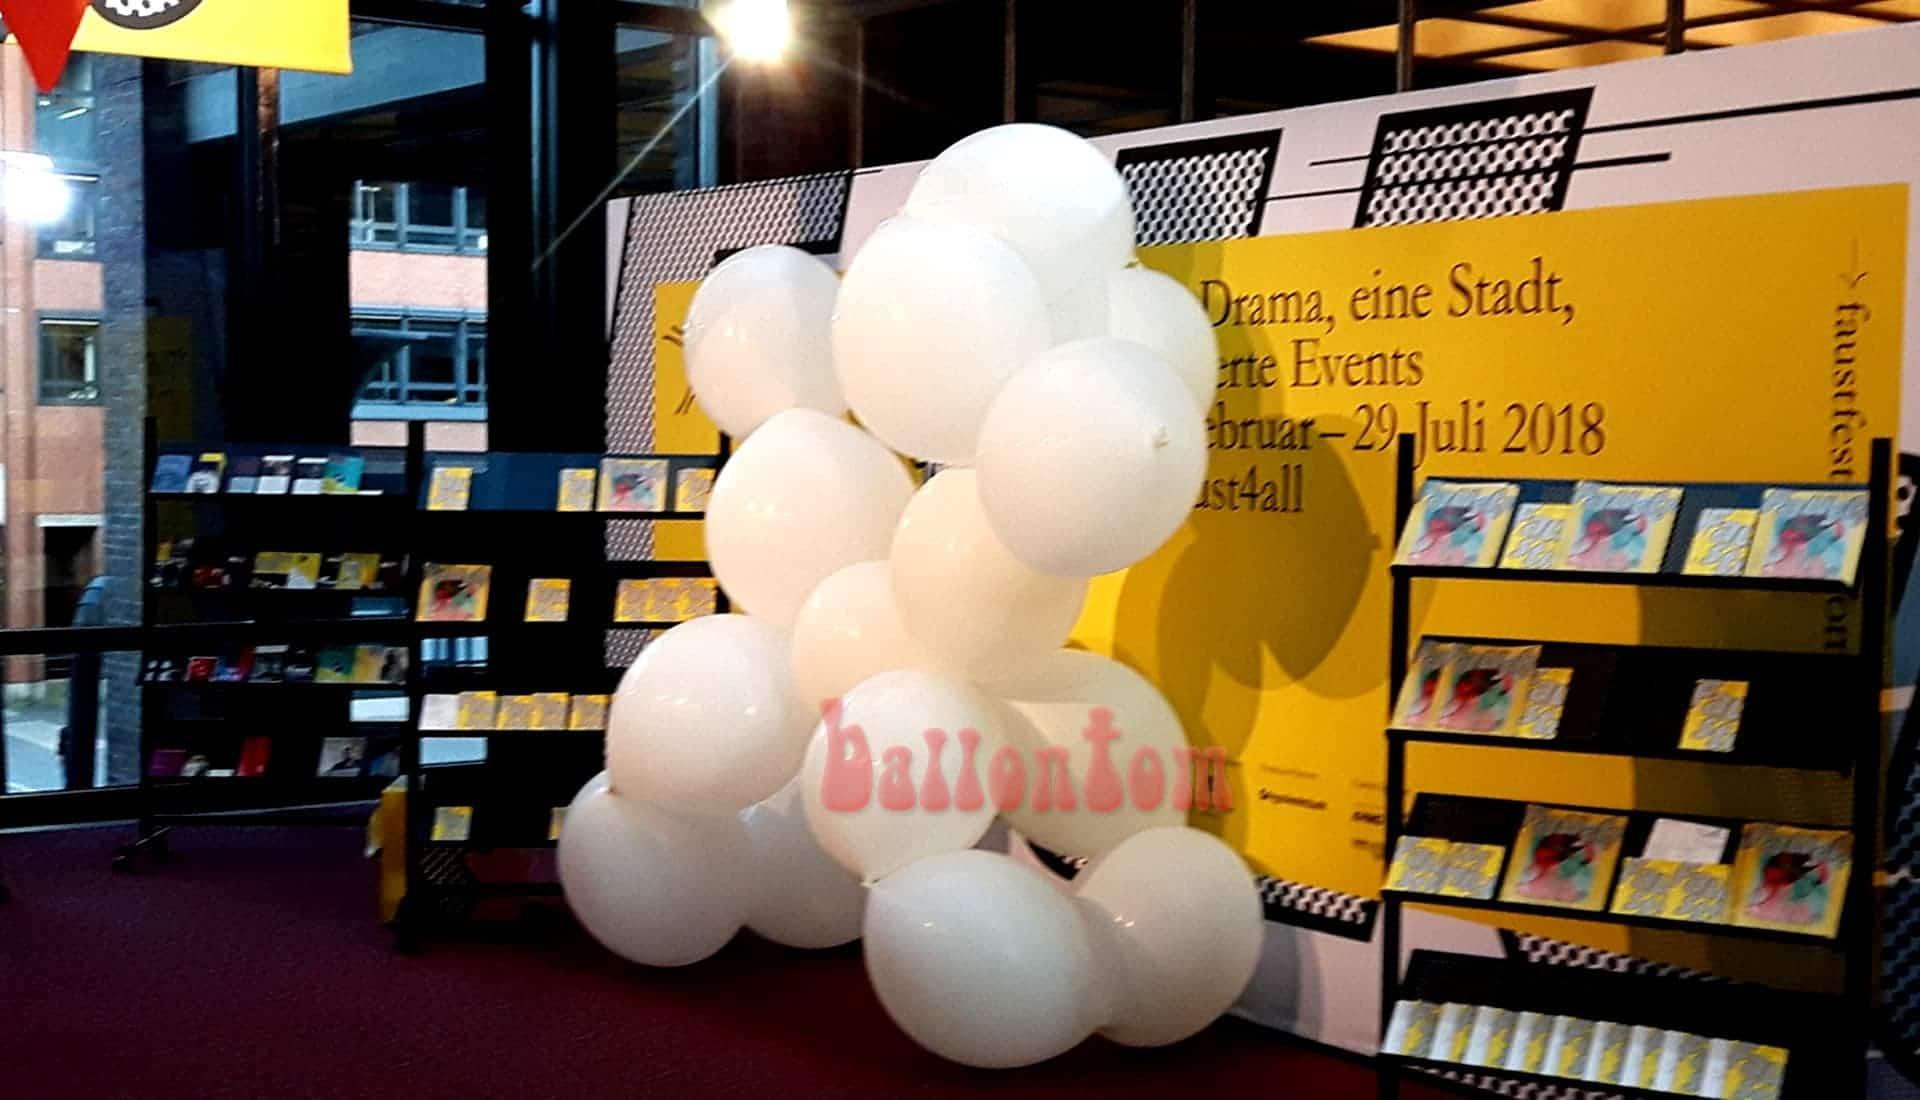 Ballonentertainer ballontom präsentiert seine neue Ballonshow im Gasteig in München